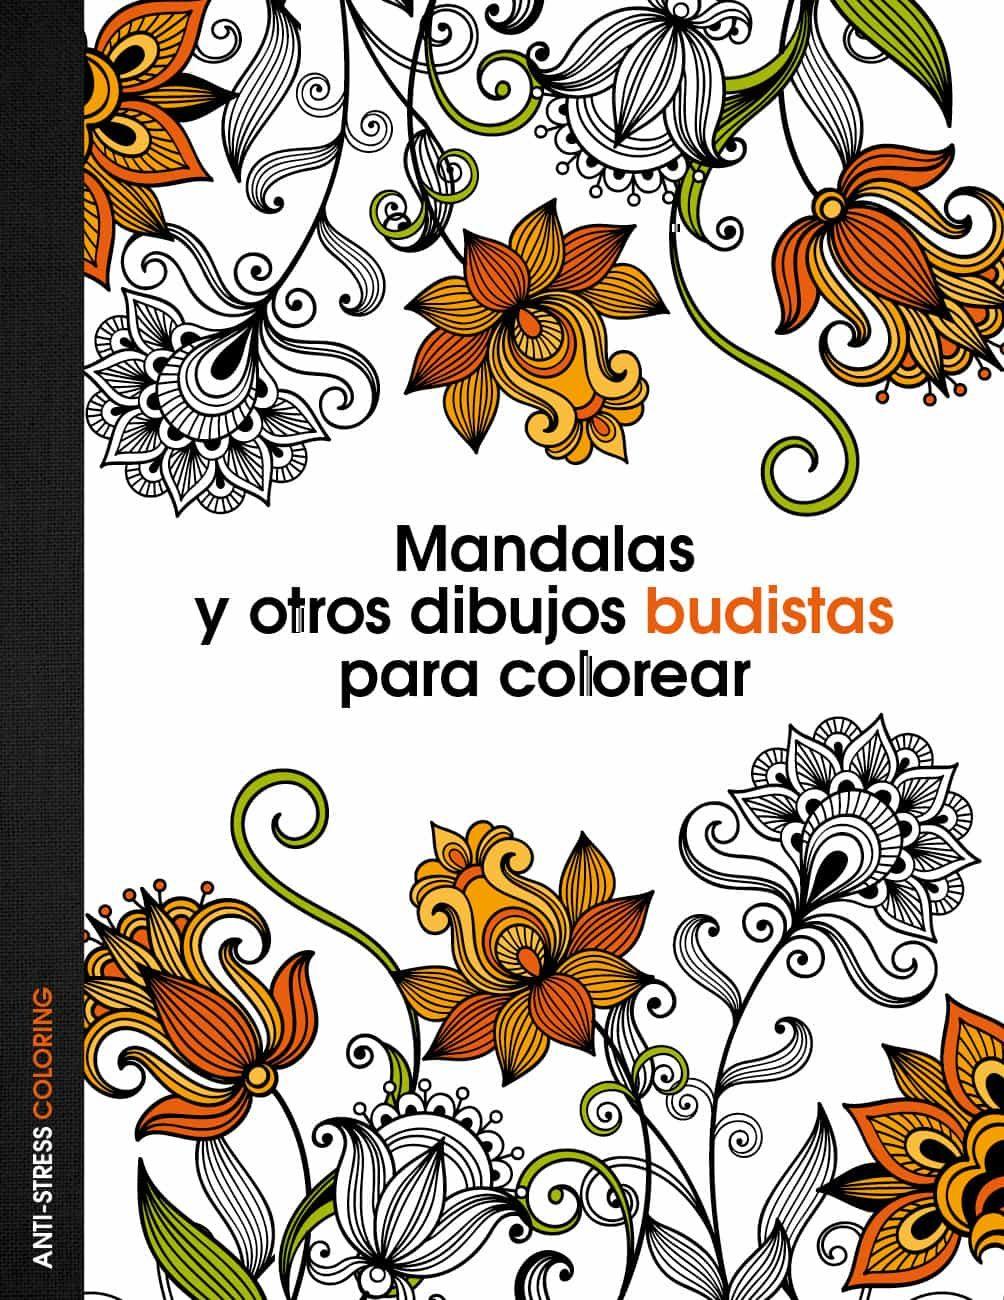 MANDALAS Y OTROS DIBUJOS BUDISTAS PARA COLOREAR | VV.AA. | Comprar ...